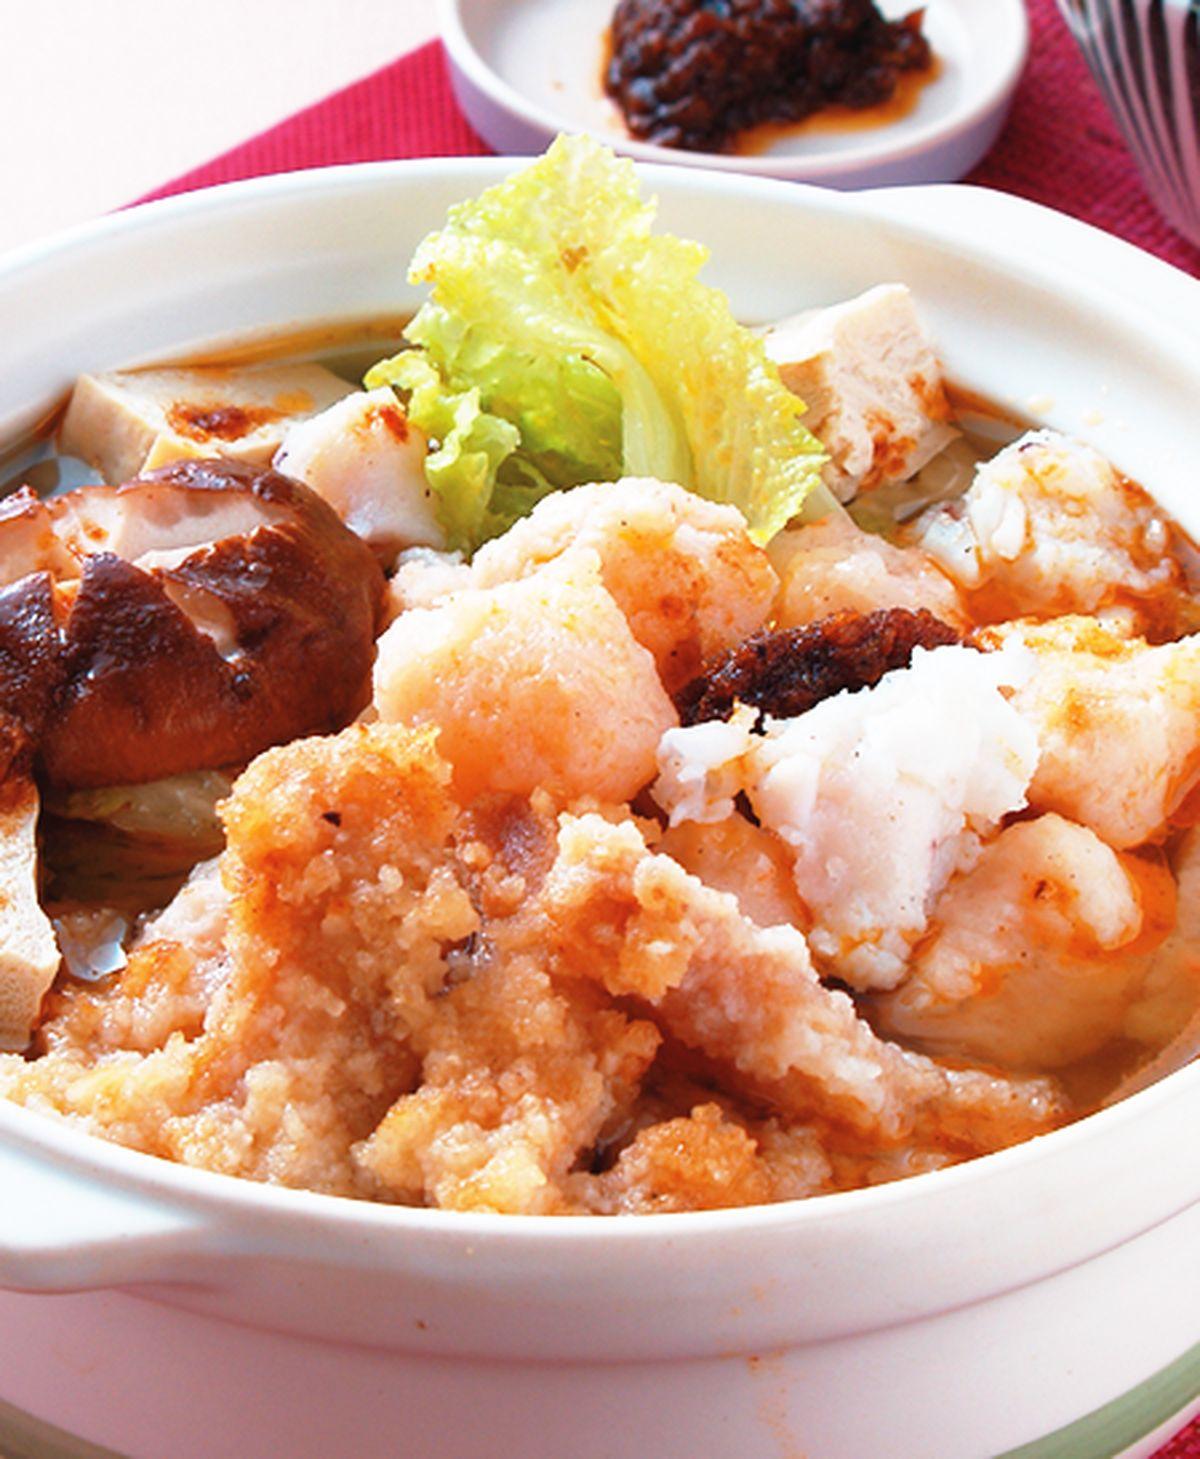 食譜:砂鍋魚塊